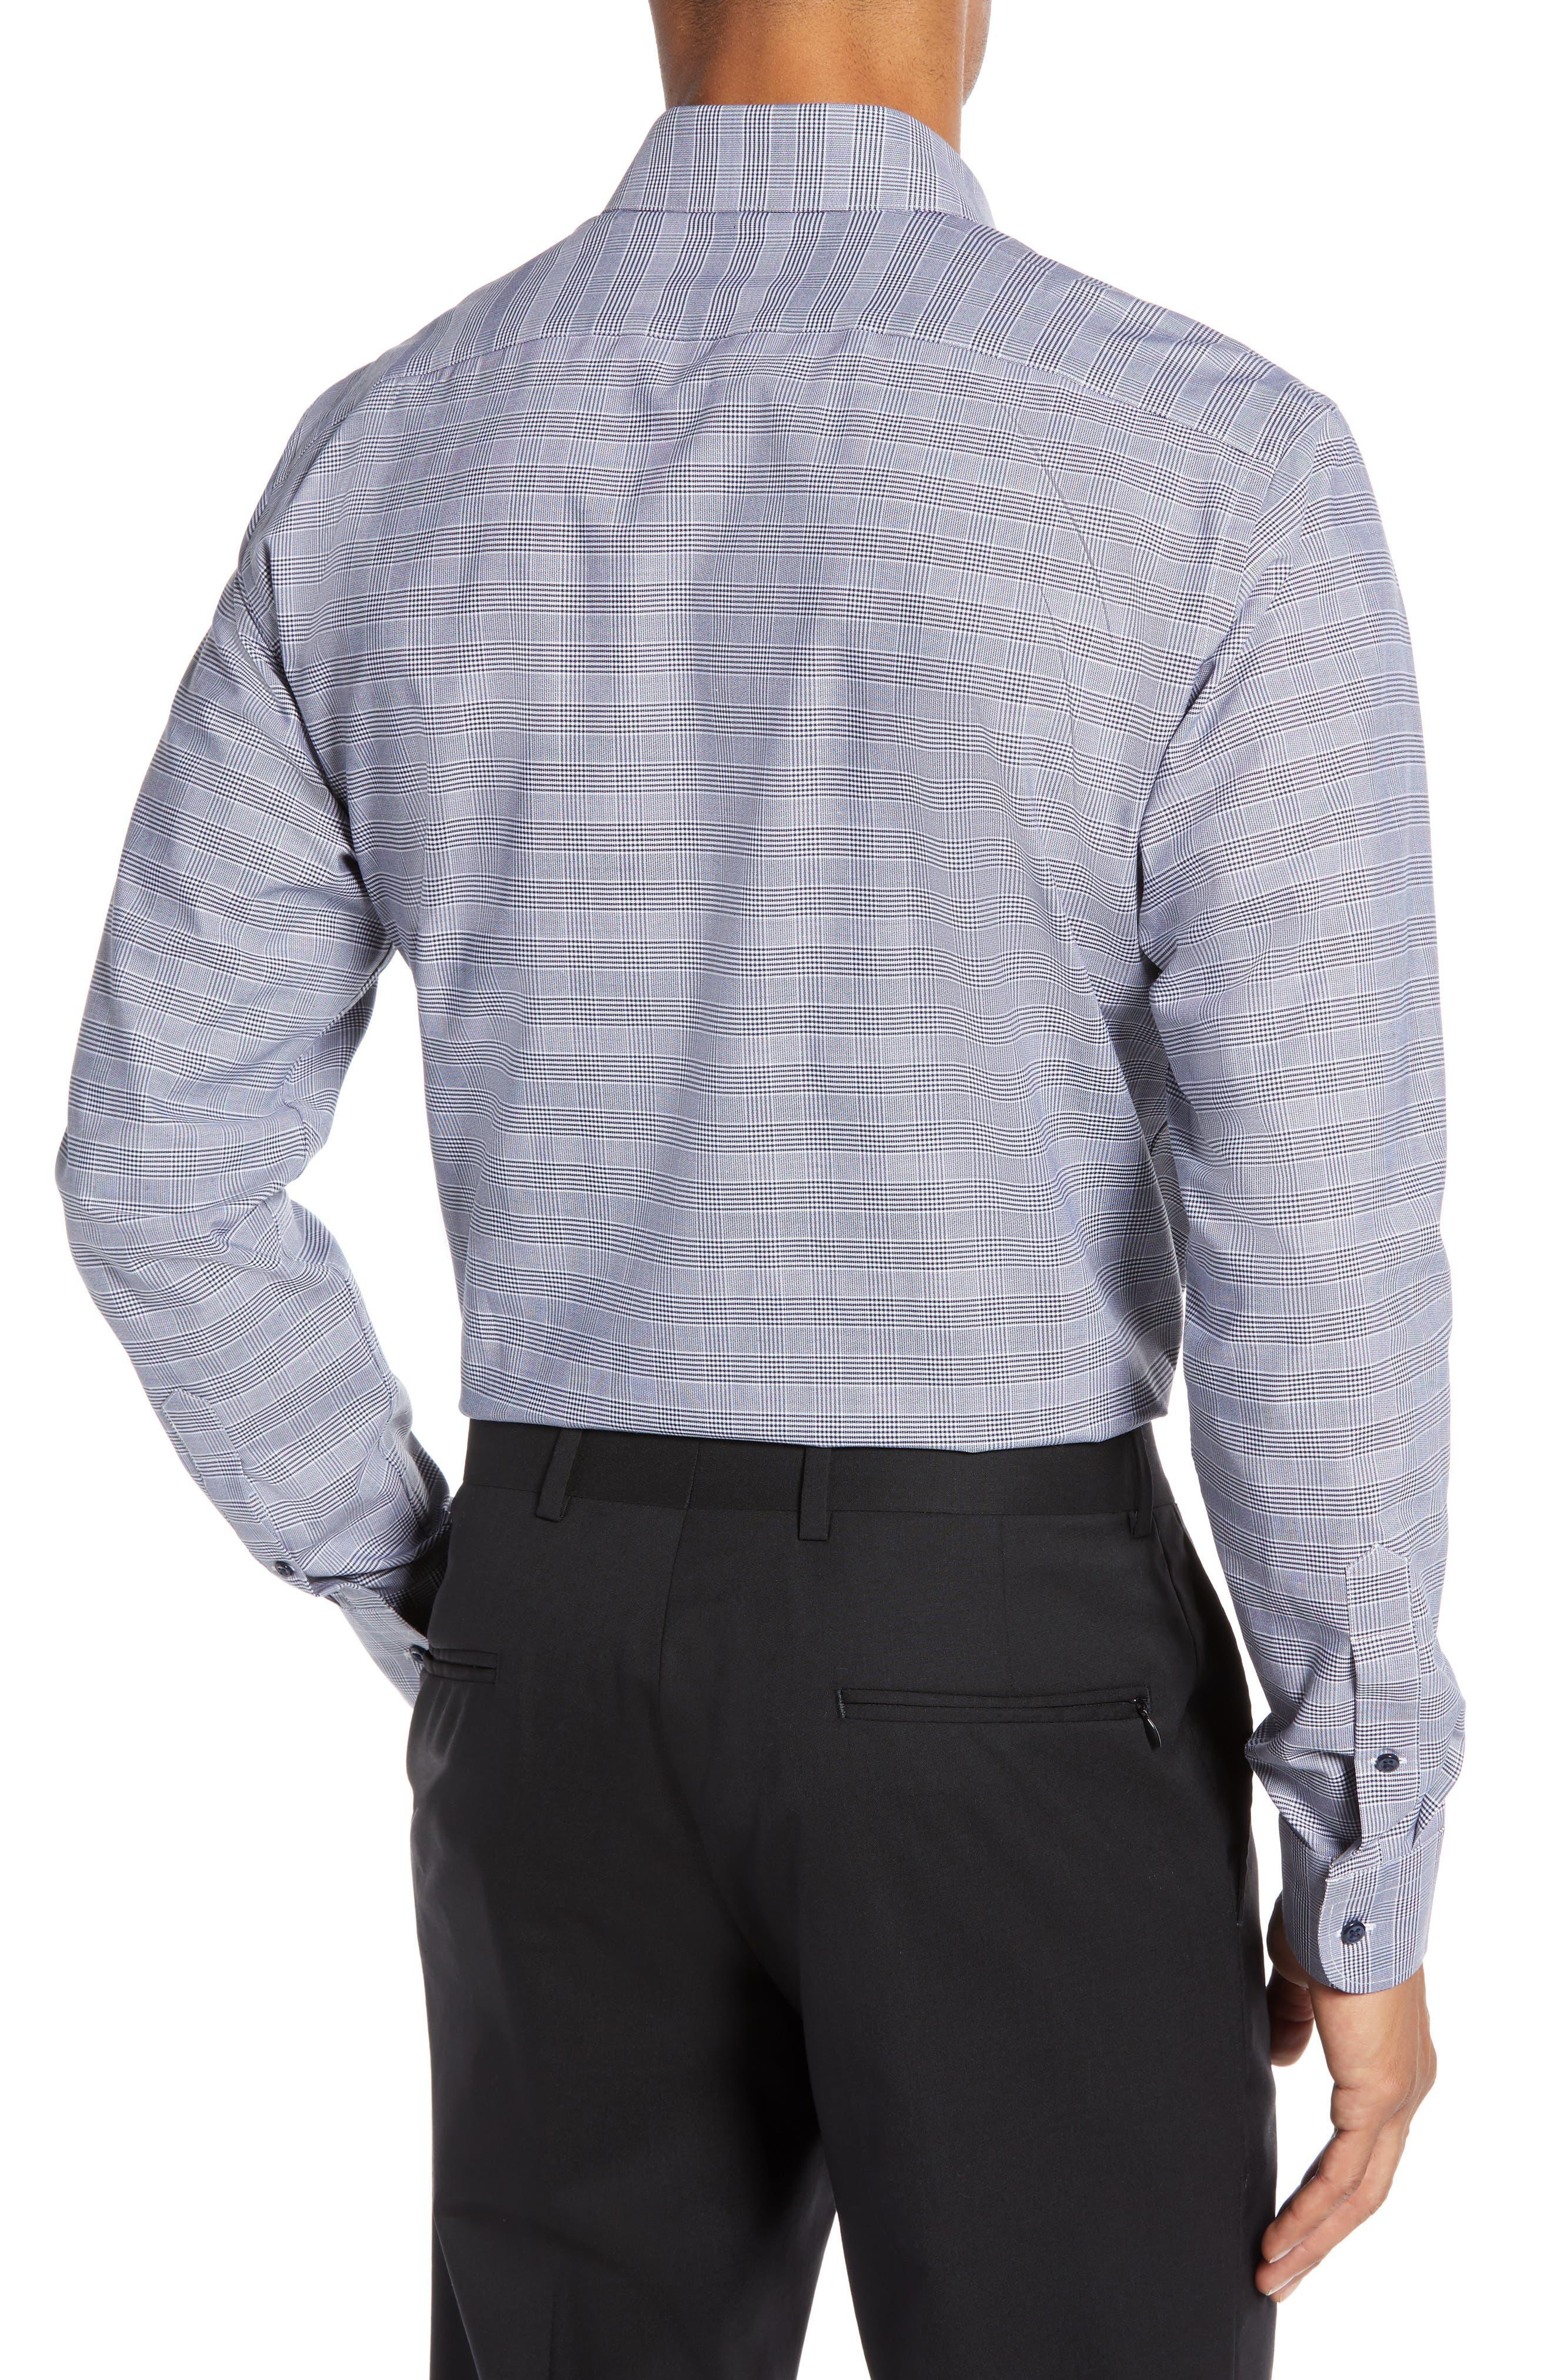 Tech-Smart Trim Fit Stretch Plaid Dress Shirt,                             Alternate thumbnail 3, color,                             NAVY PEACOAT